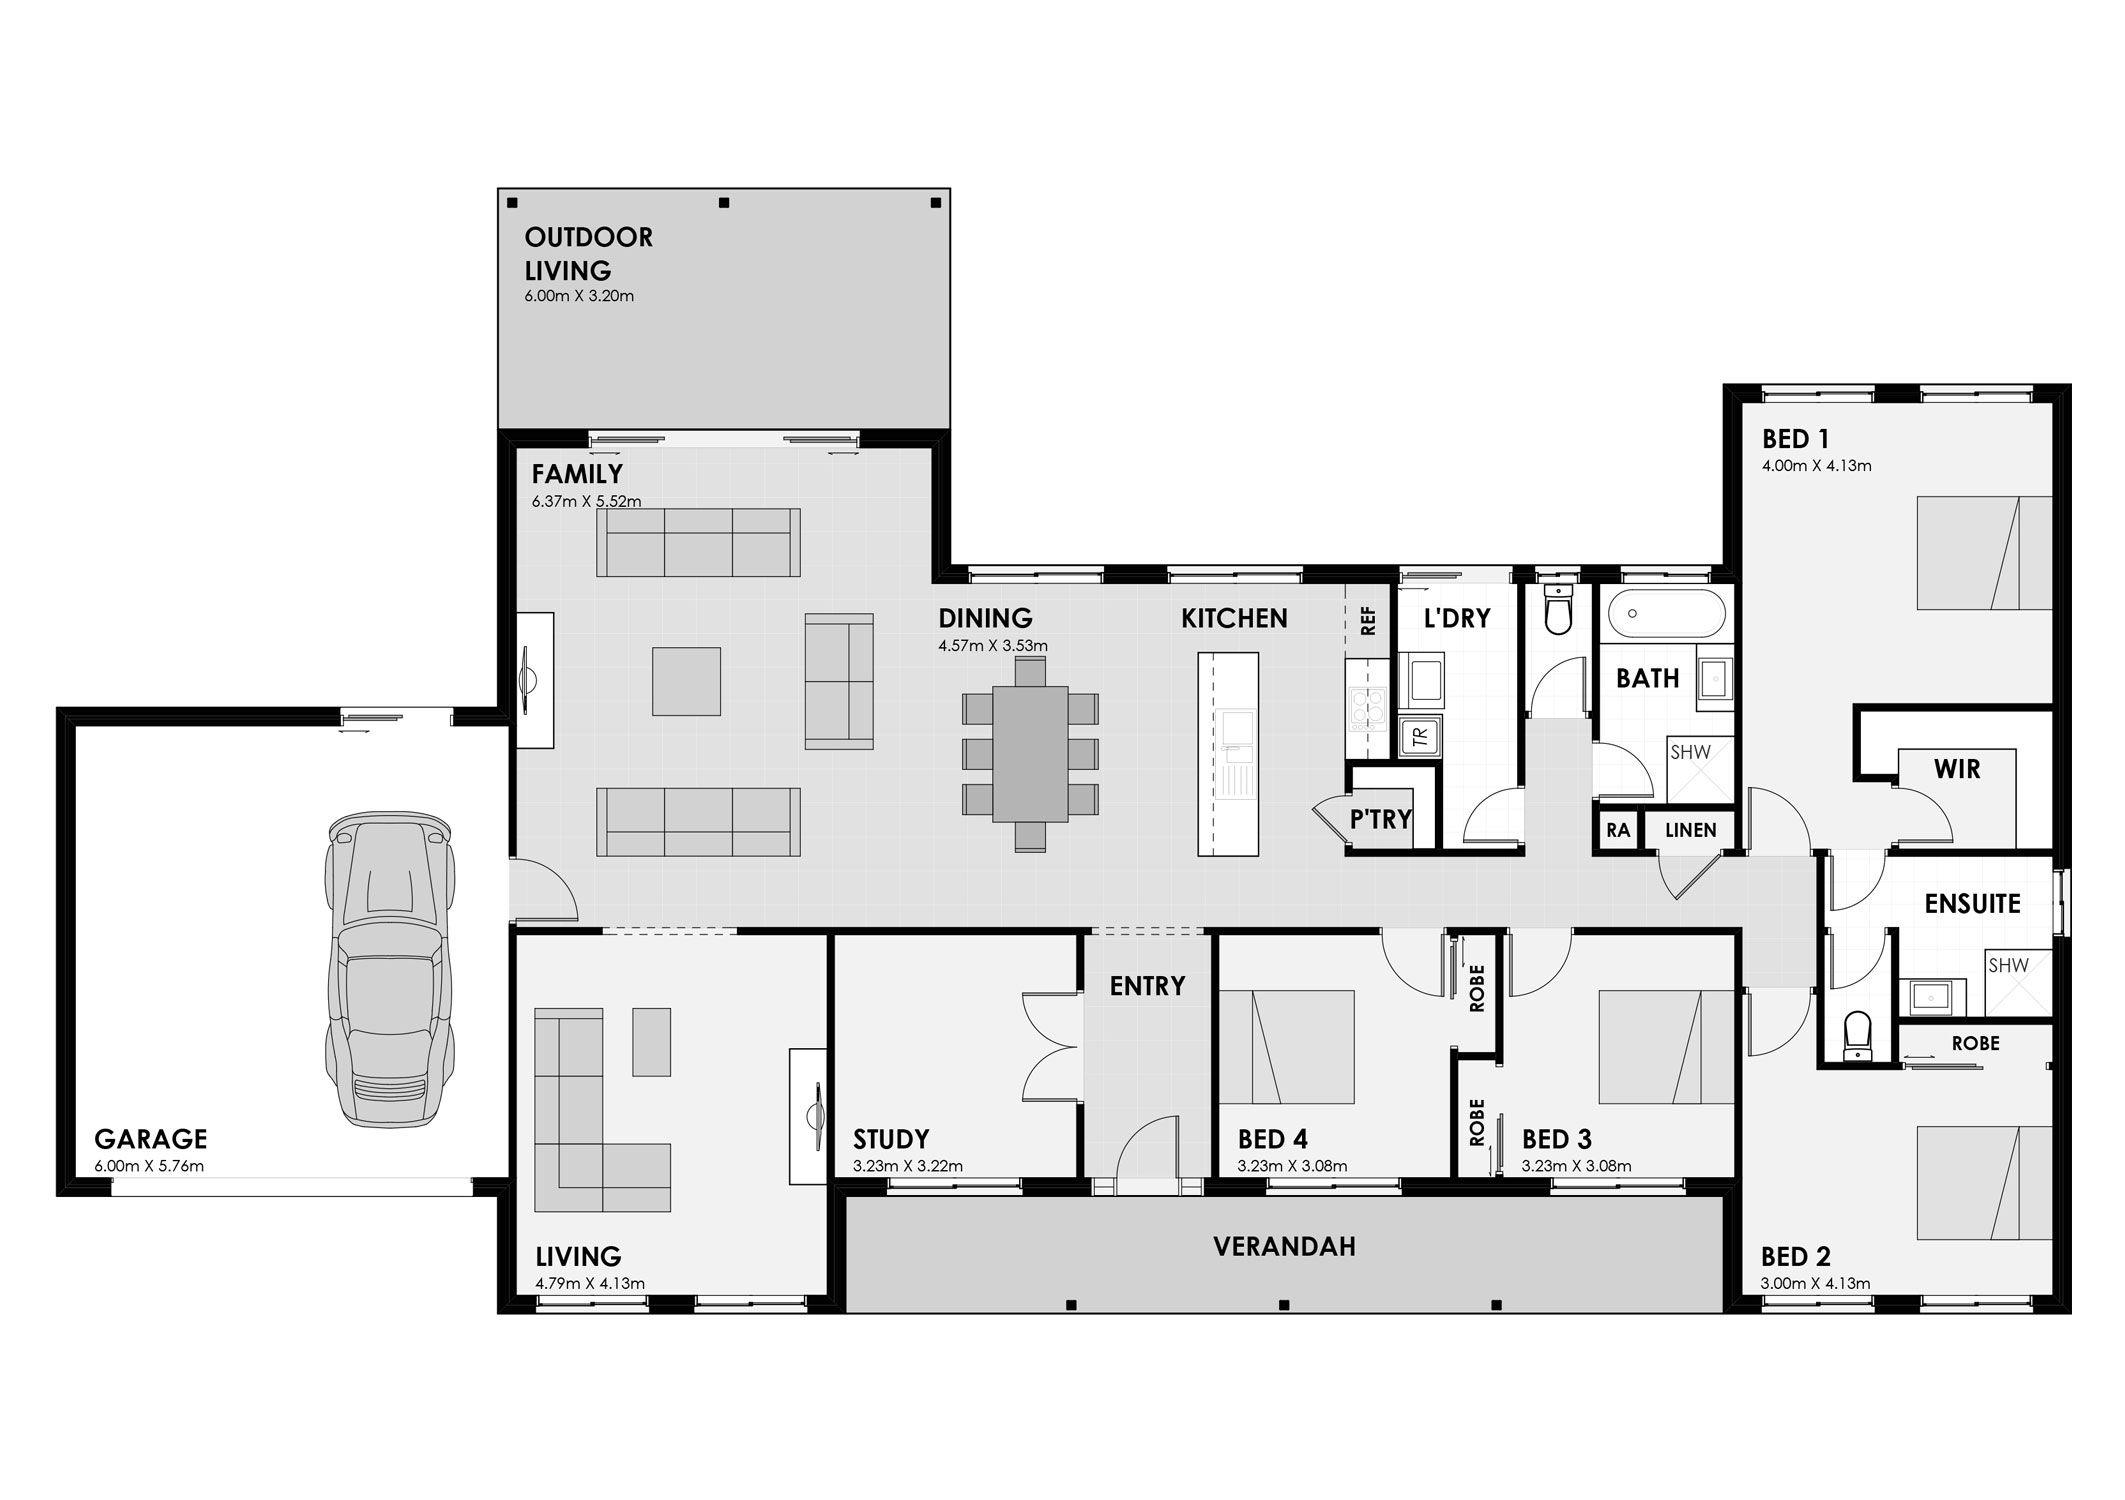 Home Designs Karalee Cavalier Homes Nz General Steel Buildings Steel Buildings House Floor Plans